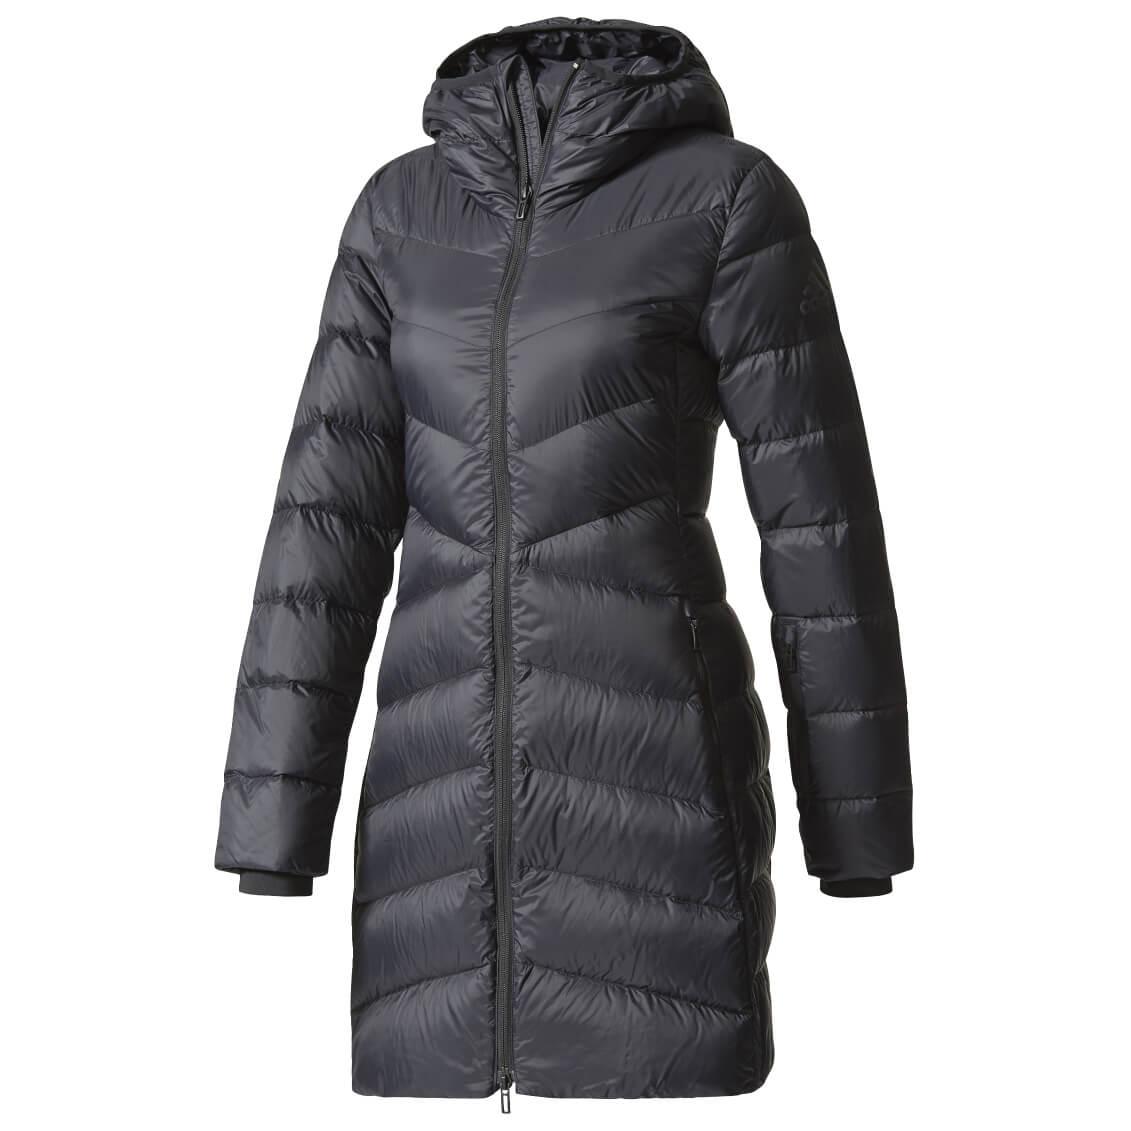 4e515516c6c4 Adidas Climawarm Nuvic Jacket - Coat Women s